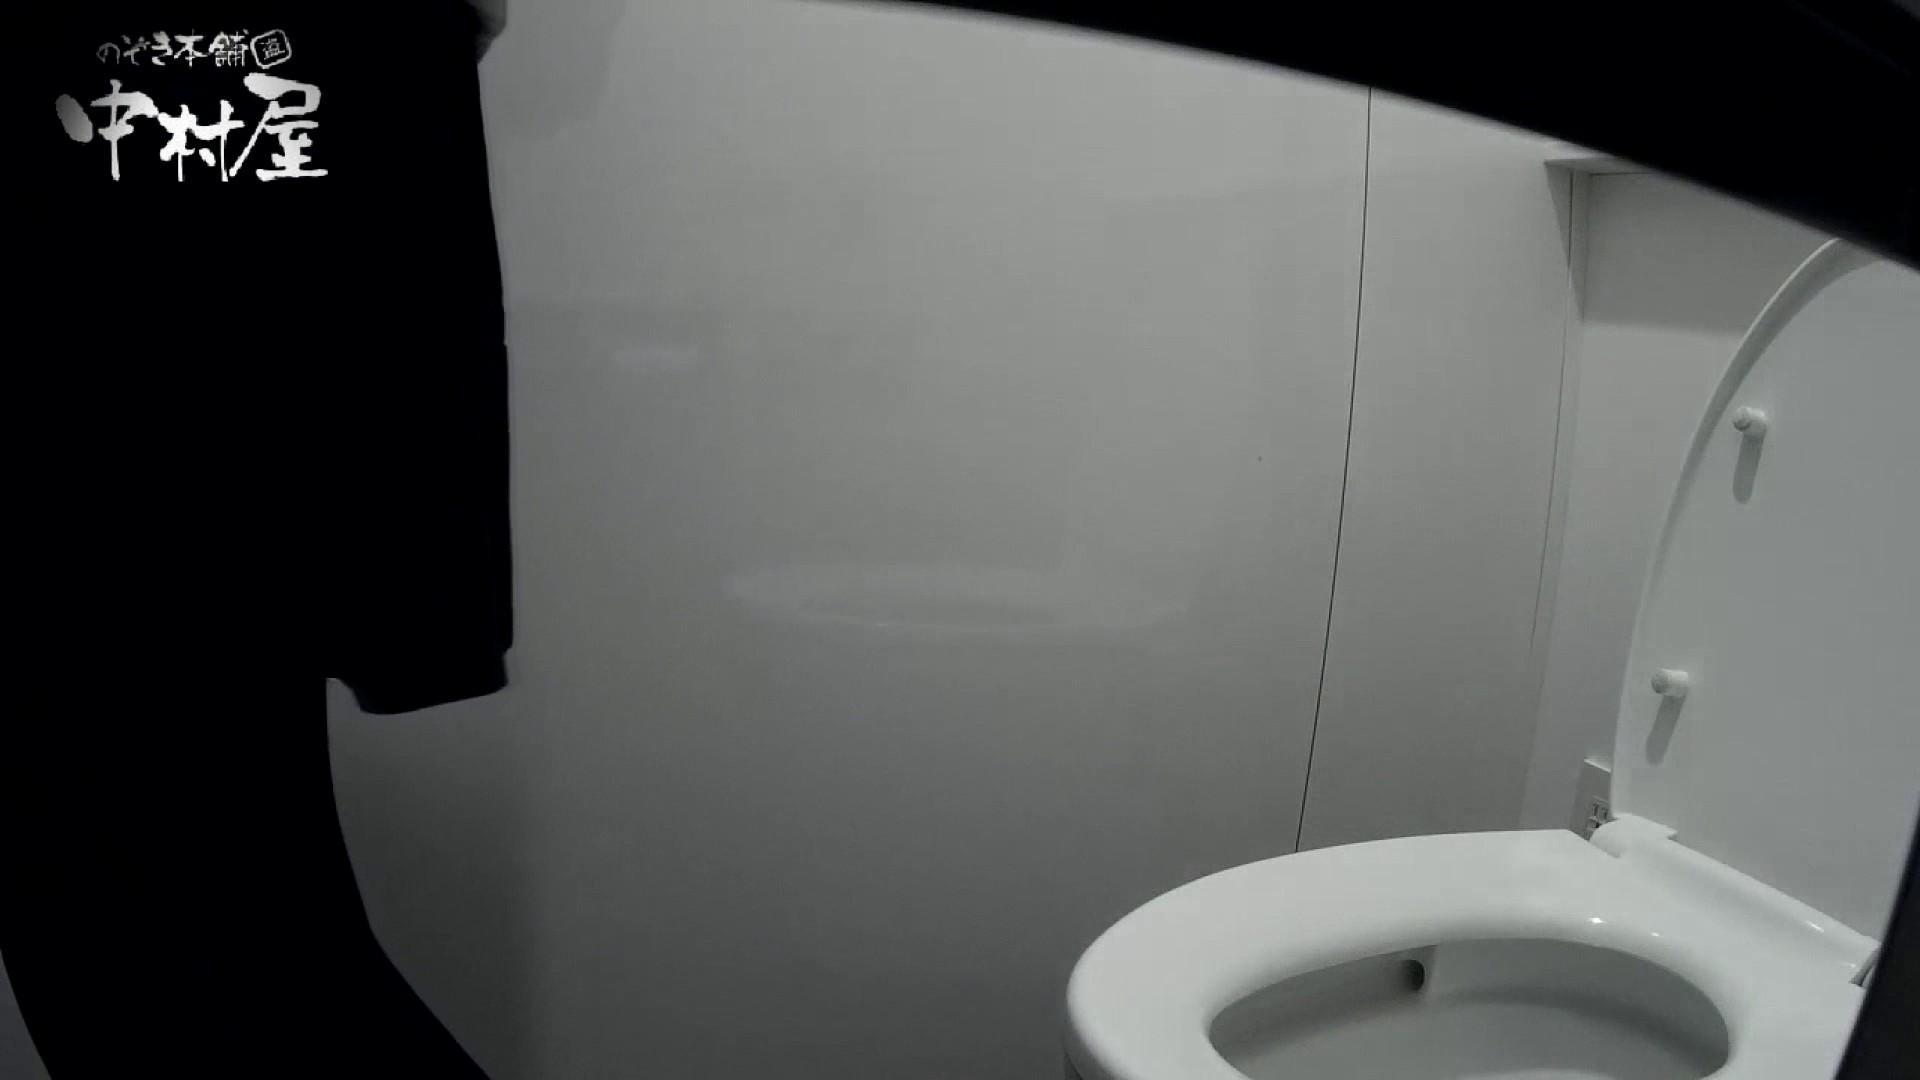 有名大学女性洗面所 vol.58 アンダーヘアーも冬支度? 0 | 0  99pic 55